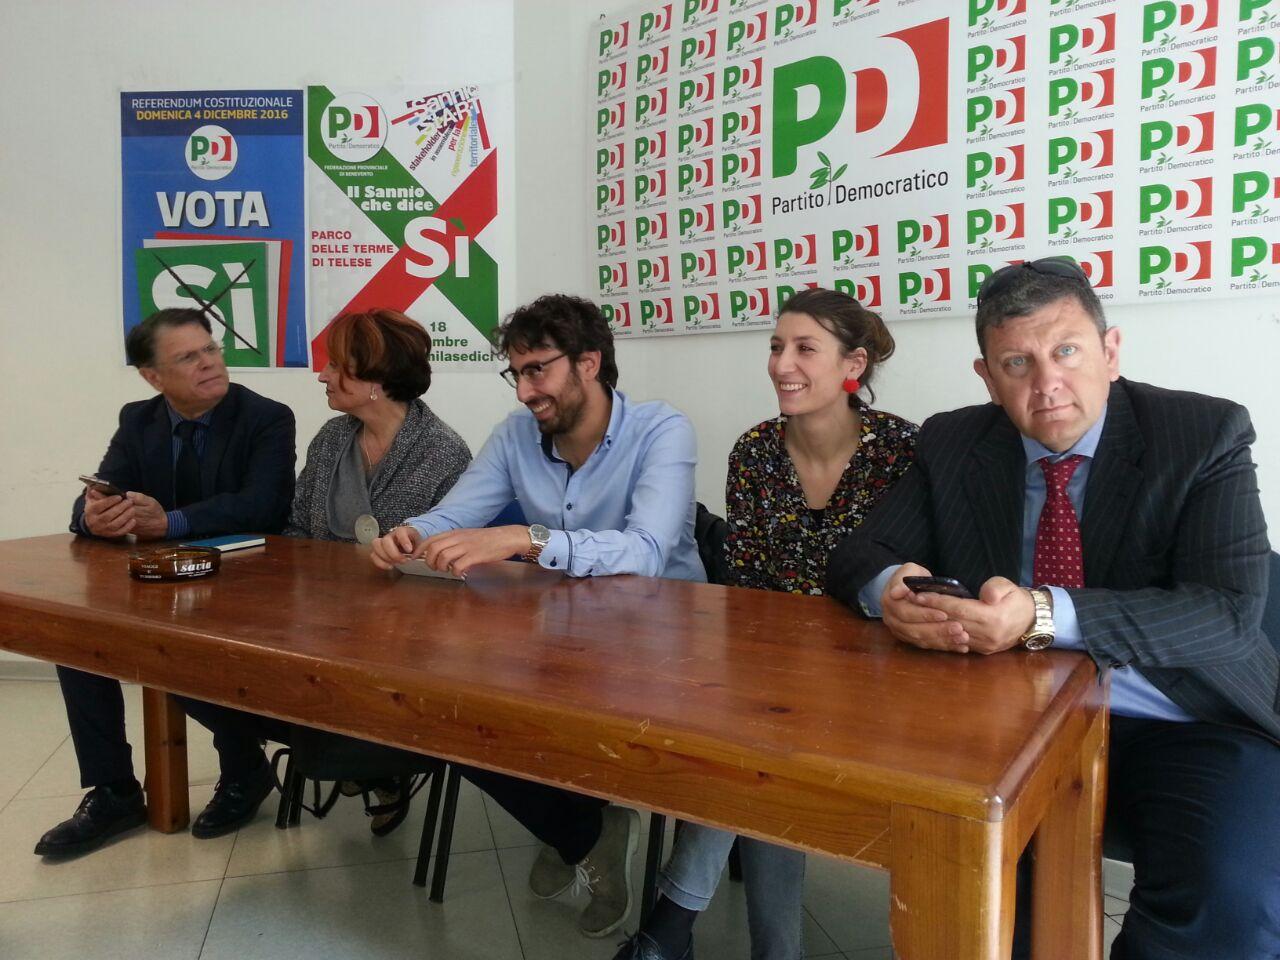 Benevento| Ricciardi(Orlando) a Del Vecchio: dibattito non ristagni a tesi di dieci anni fa